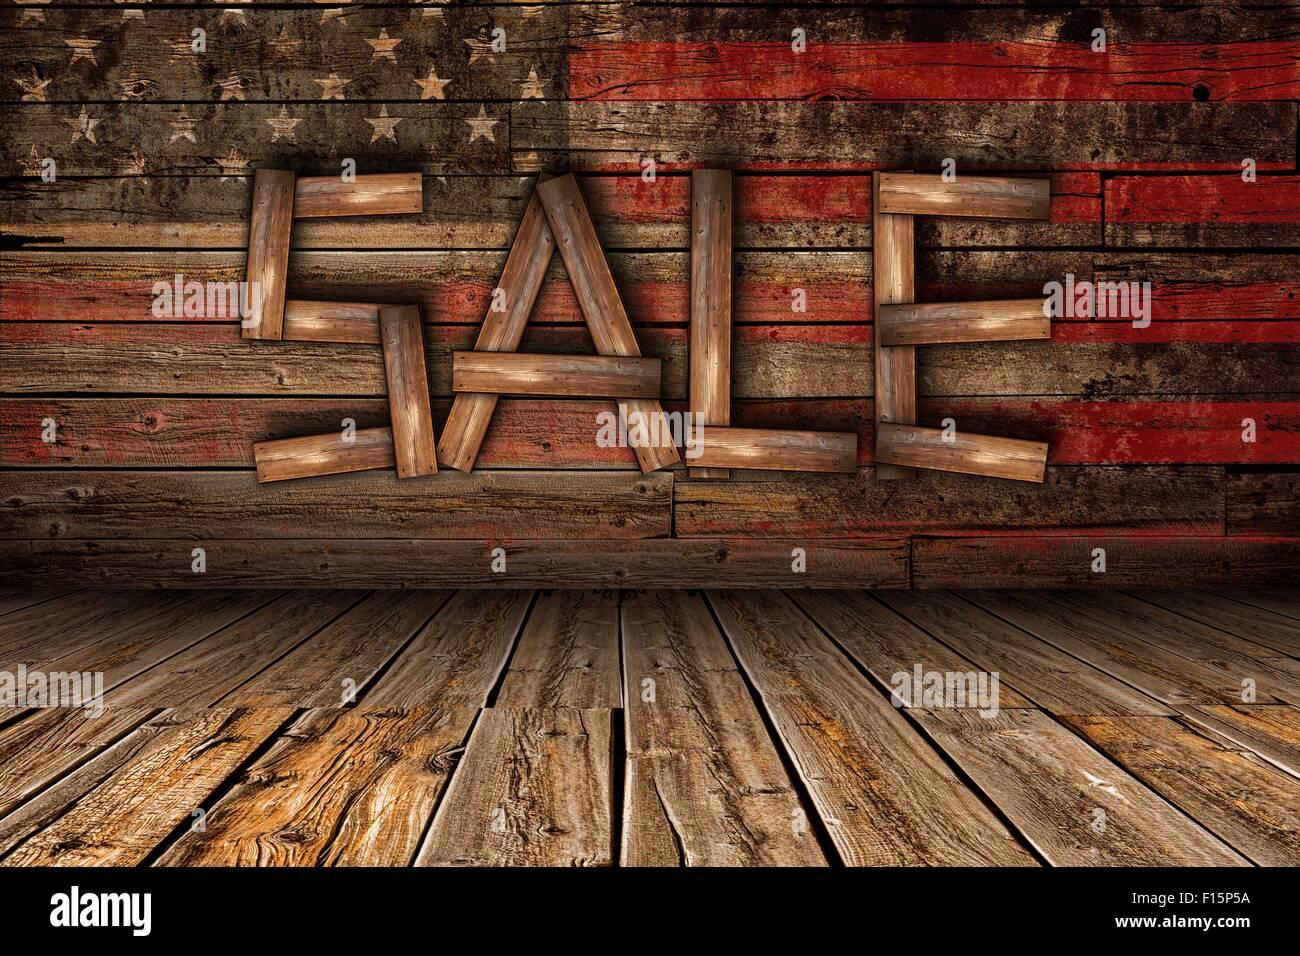 Amerikanische Holz Verkauf Business Concept Illustration Mit